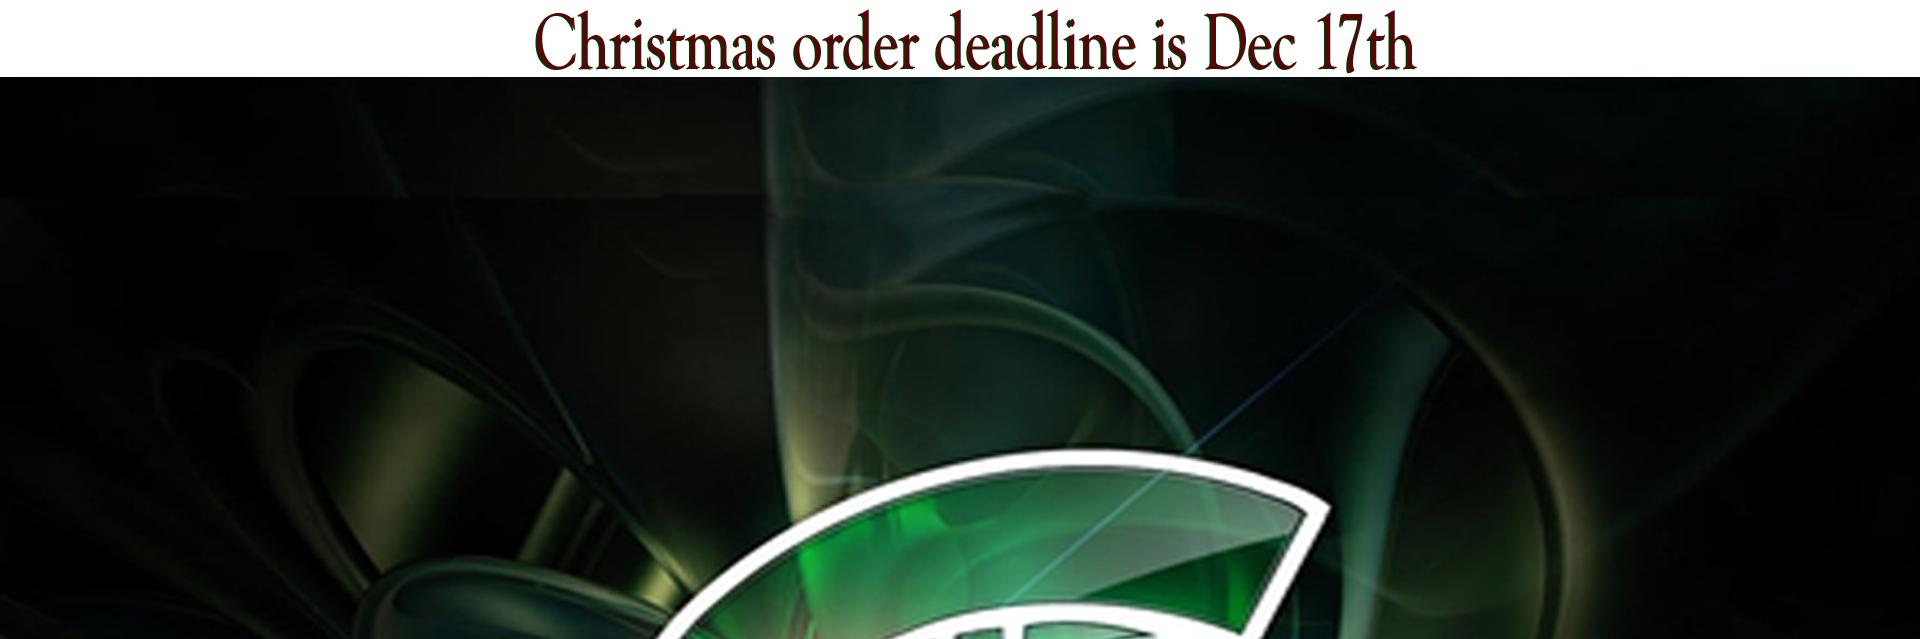 Christmas order deadline